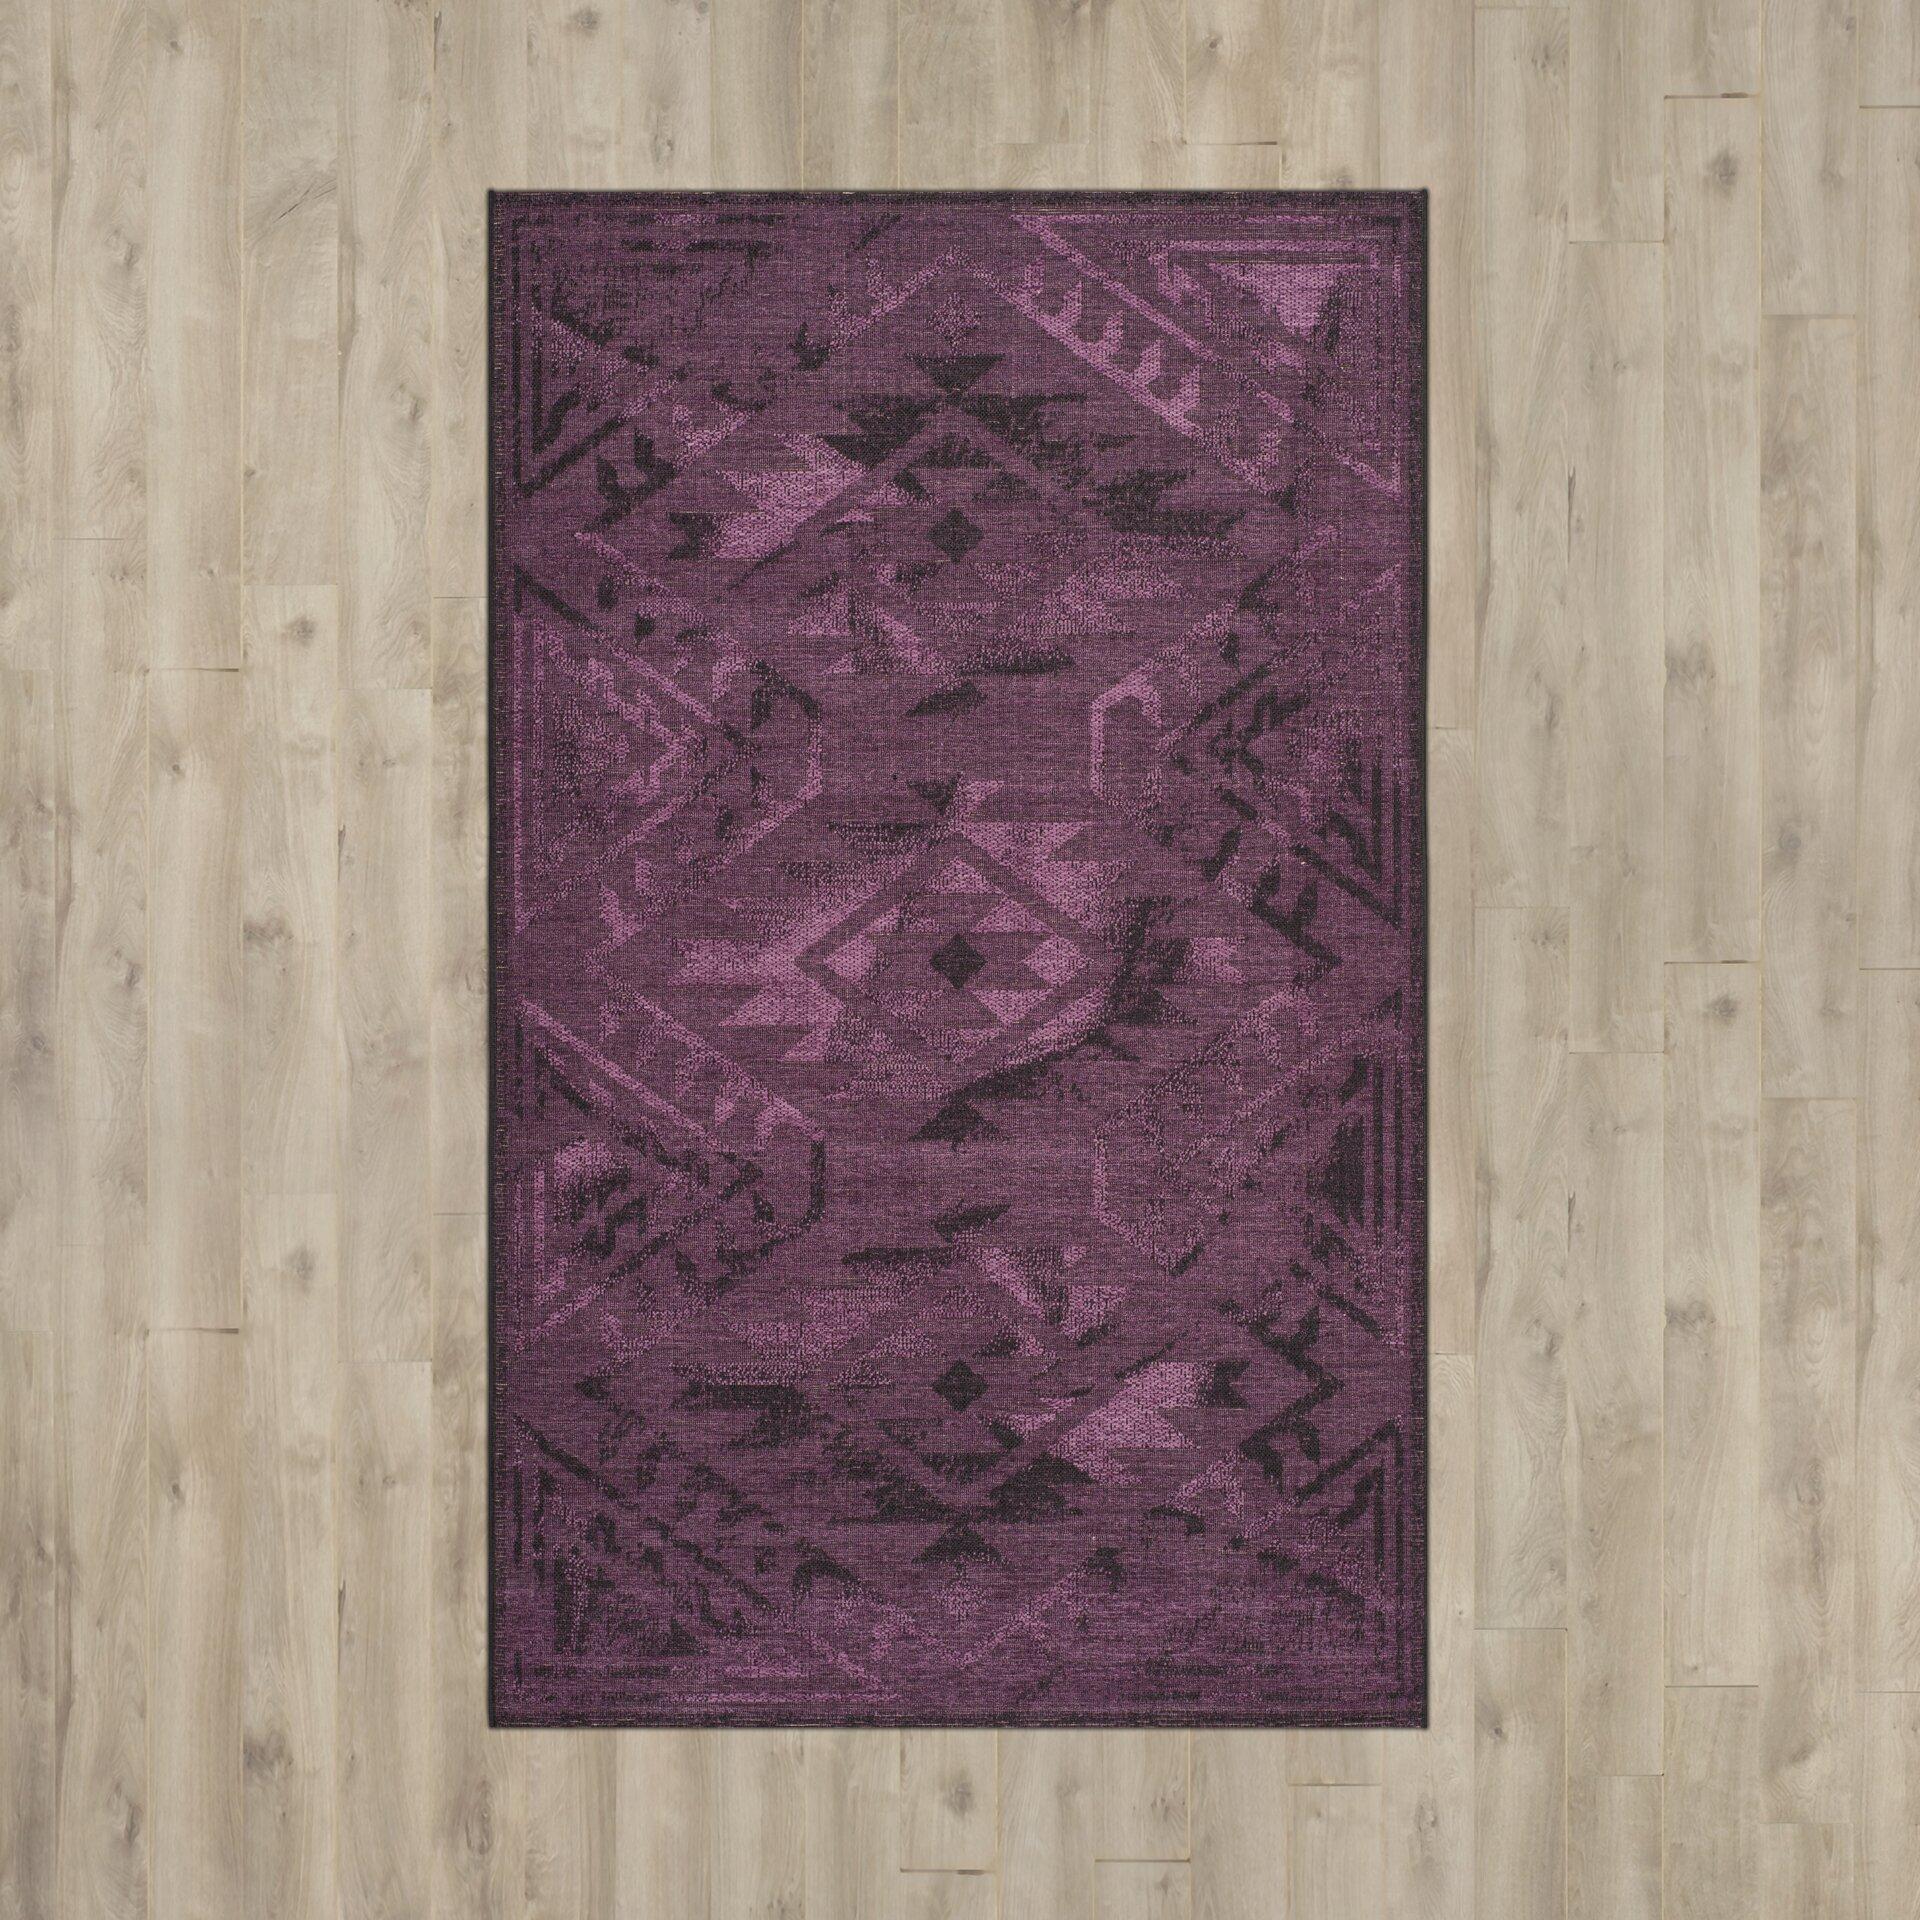 Dark Purple Rugs: Bungalow Rose Sanaoubar Black/Purple Area Rug